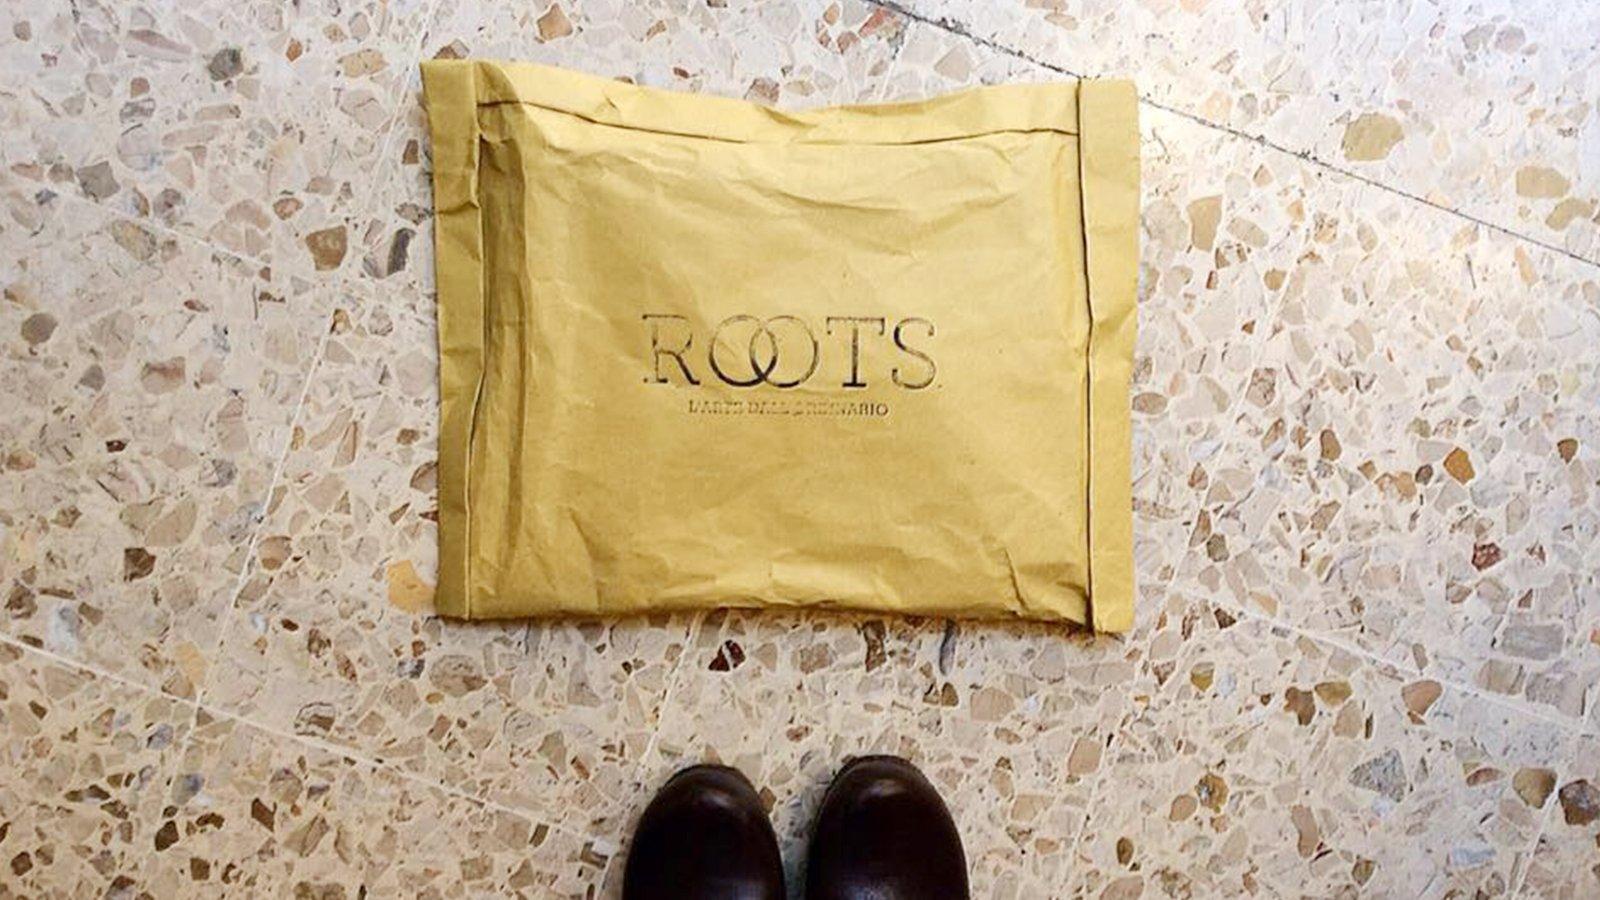 pacchetto con scritta ROOTS - L'ARTE DALL'ORDINARIO